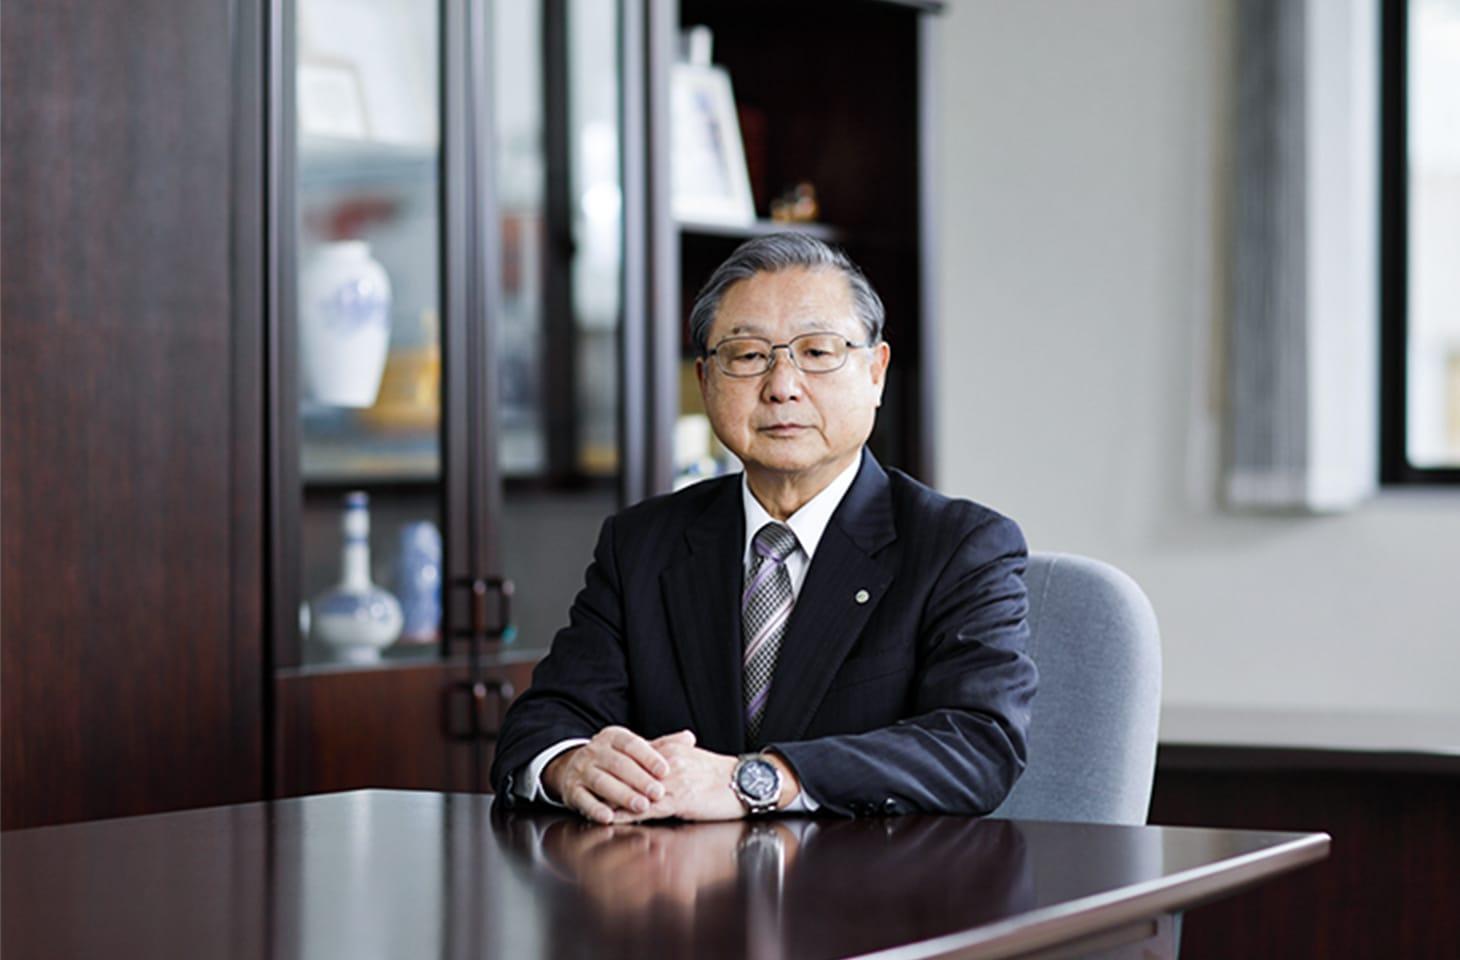 代表取締役社長の正面画像